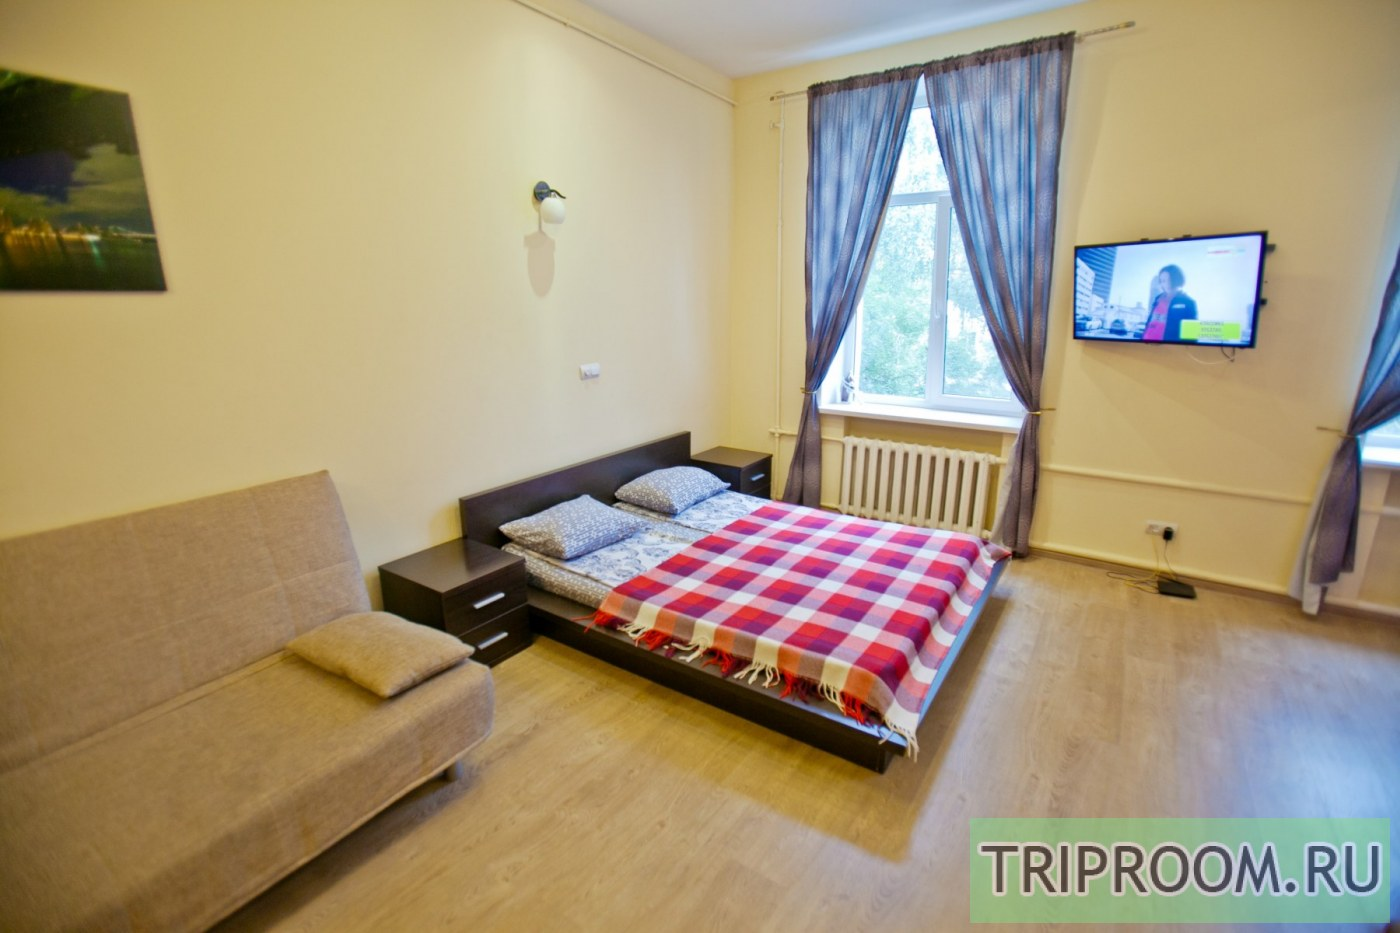 1-комнатная квартира посуточно (вариант № 8396), ул. Краснинская 2-я улица, фото № 11